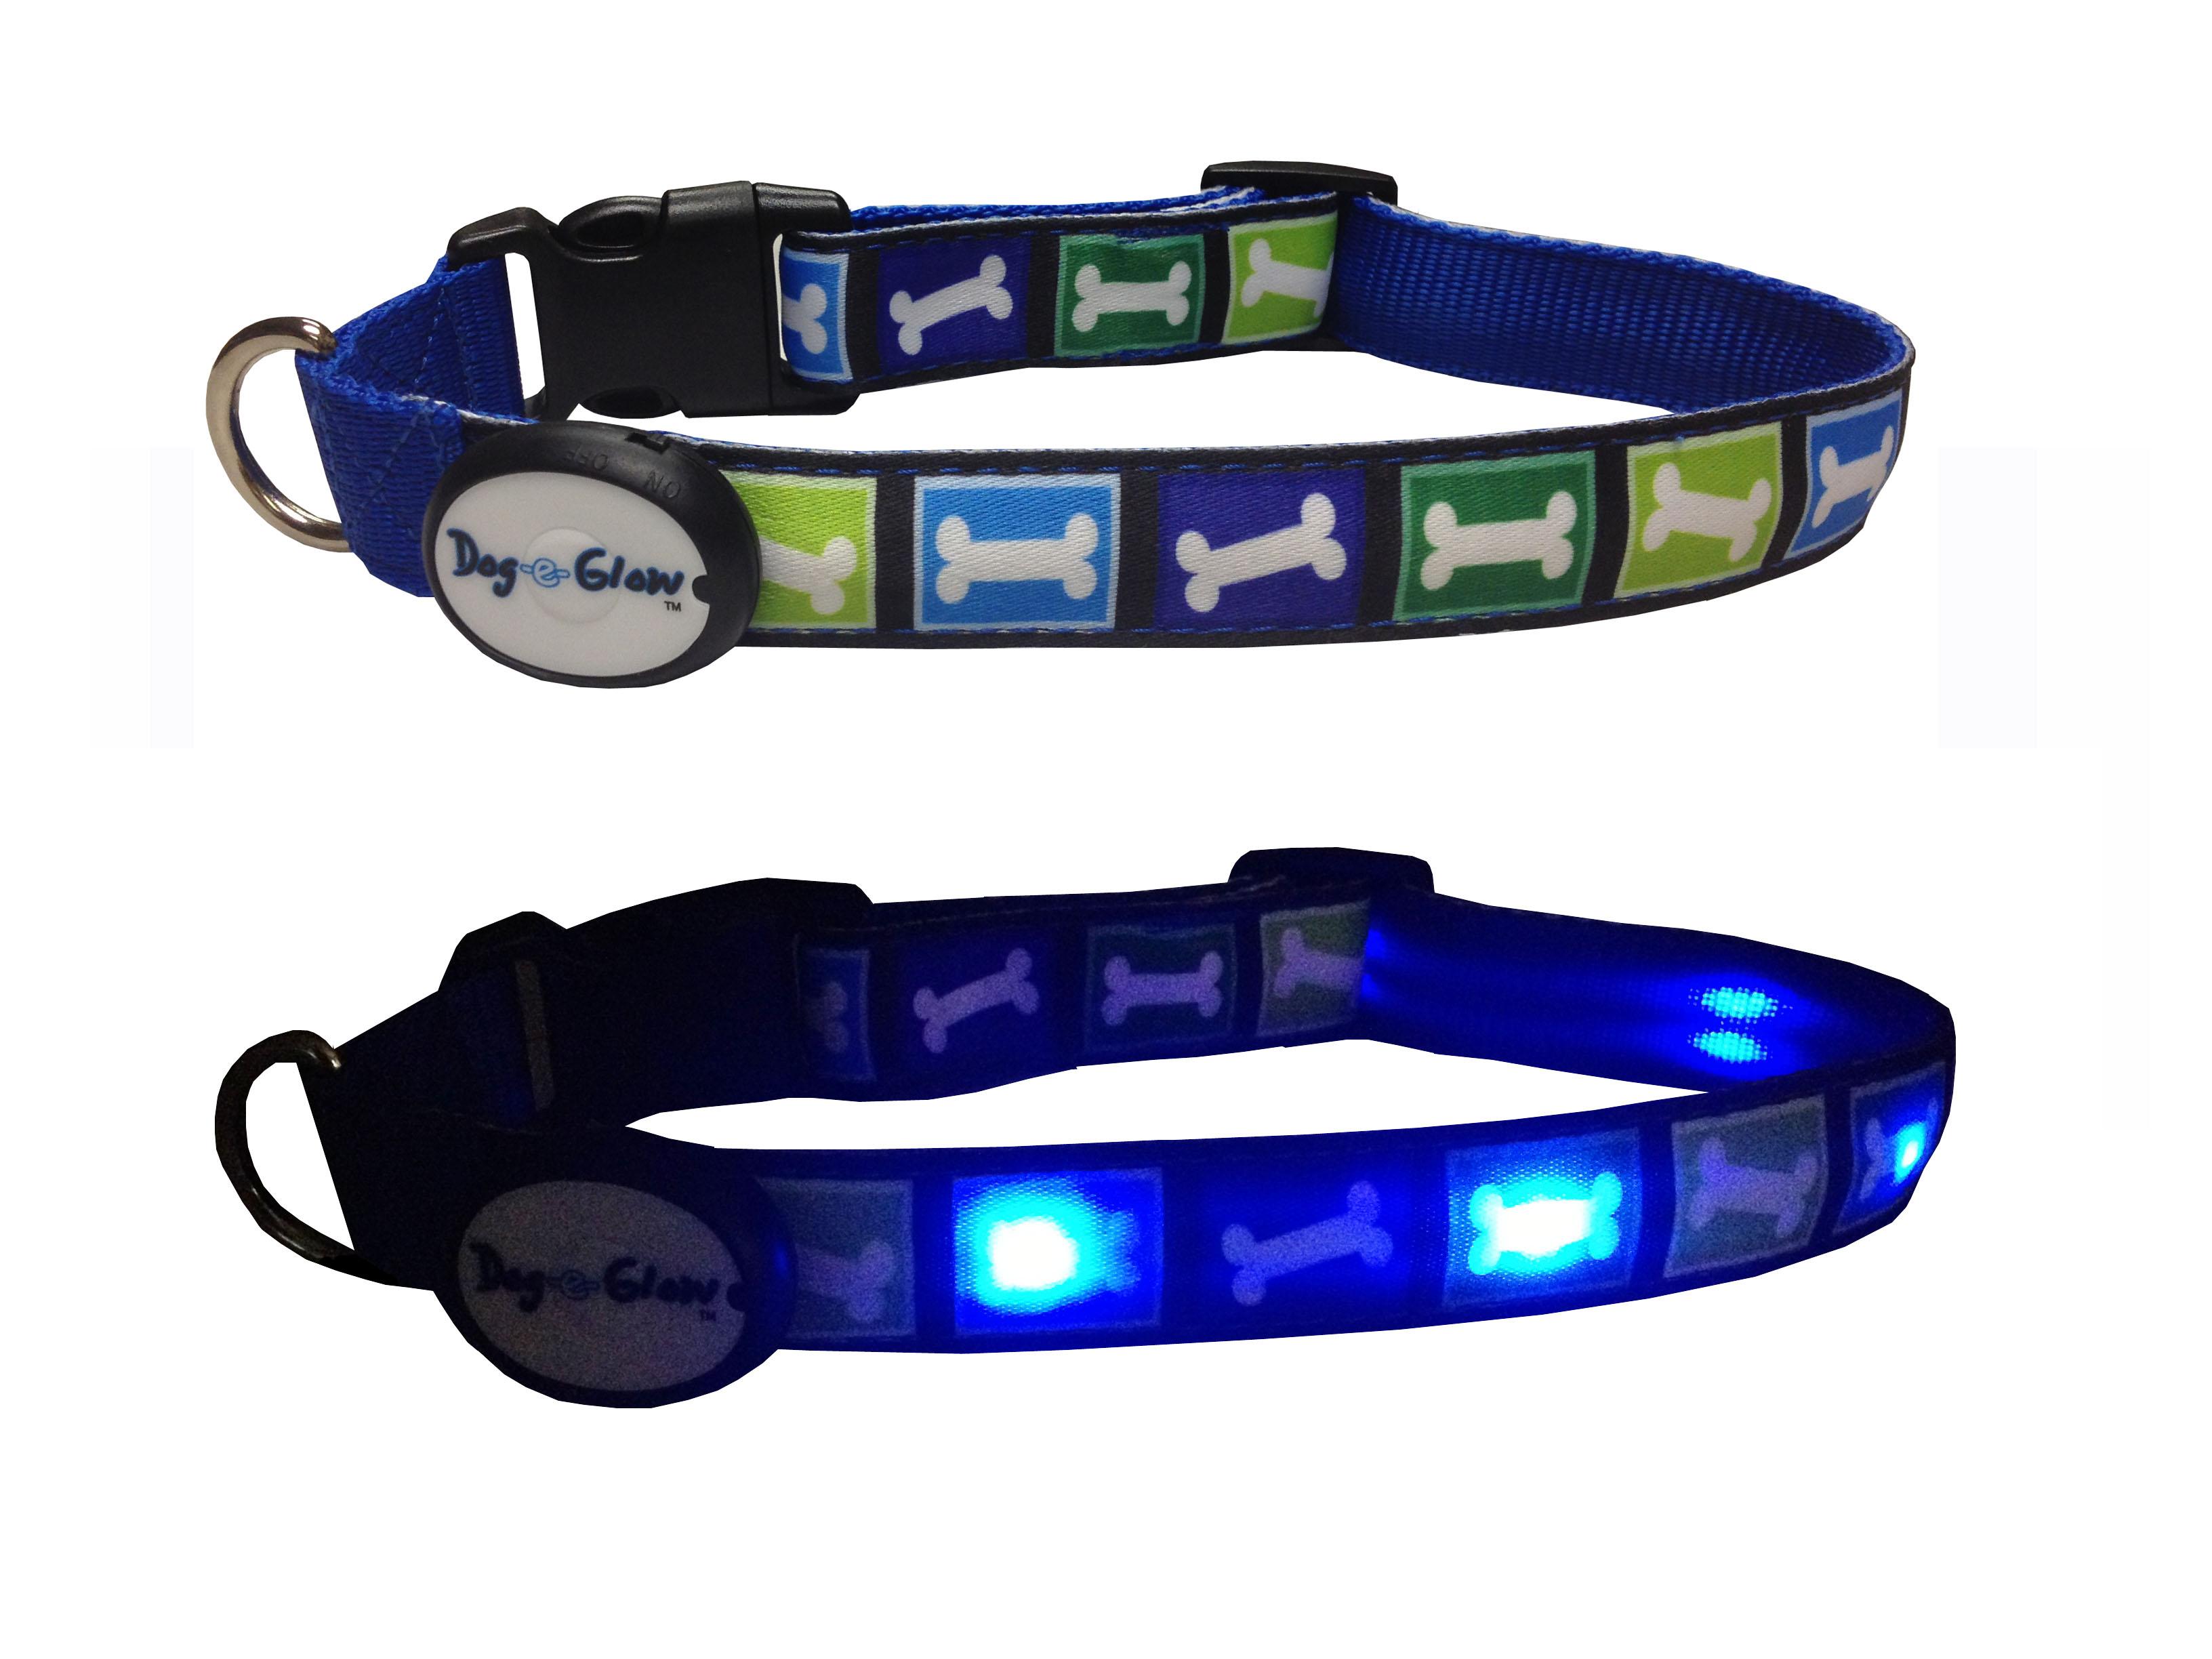 Dog-e Glow LED Collar & Leash